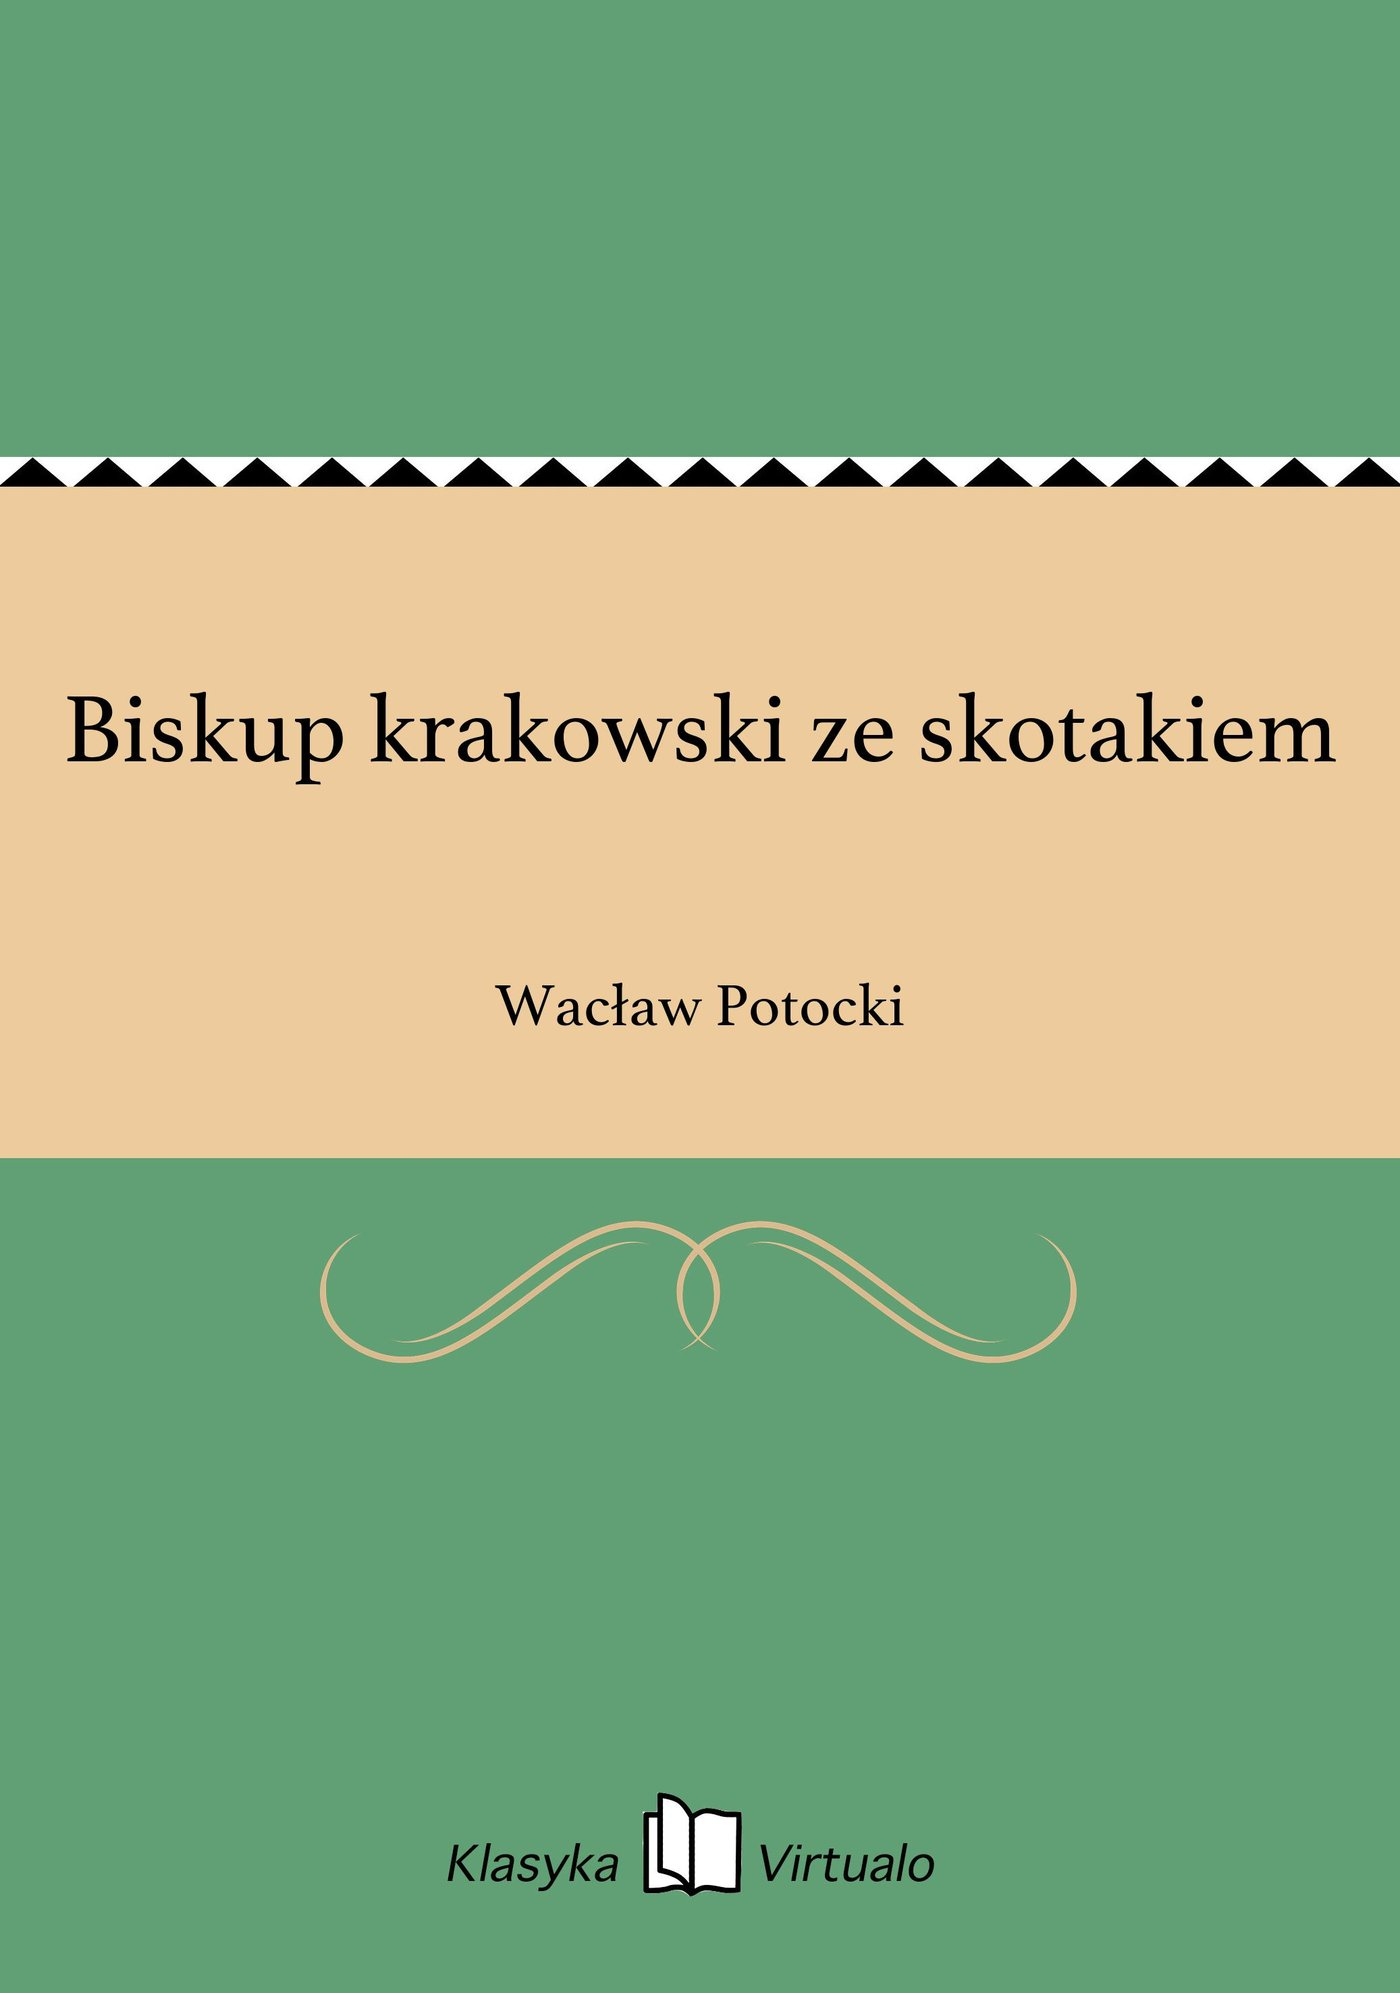 Biskup krakowski ze skotakiem - Ebook (Książka EPUB) do pobrania w formacie EPUB